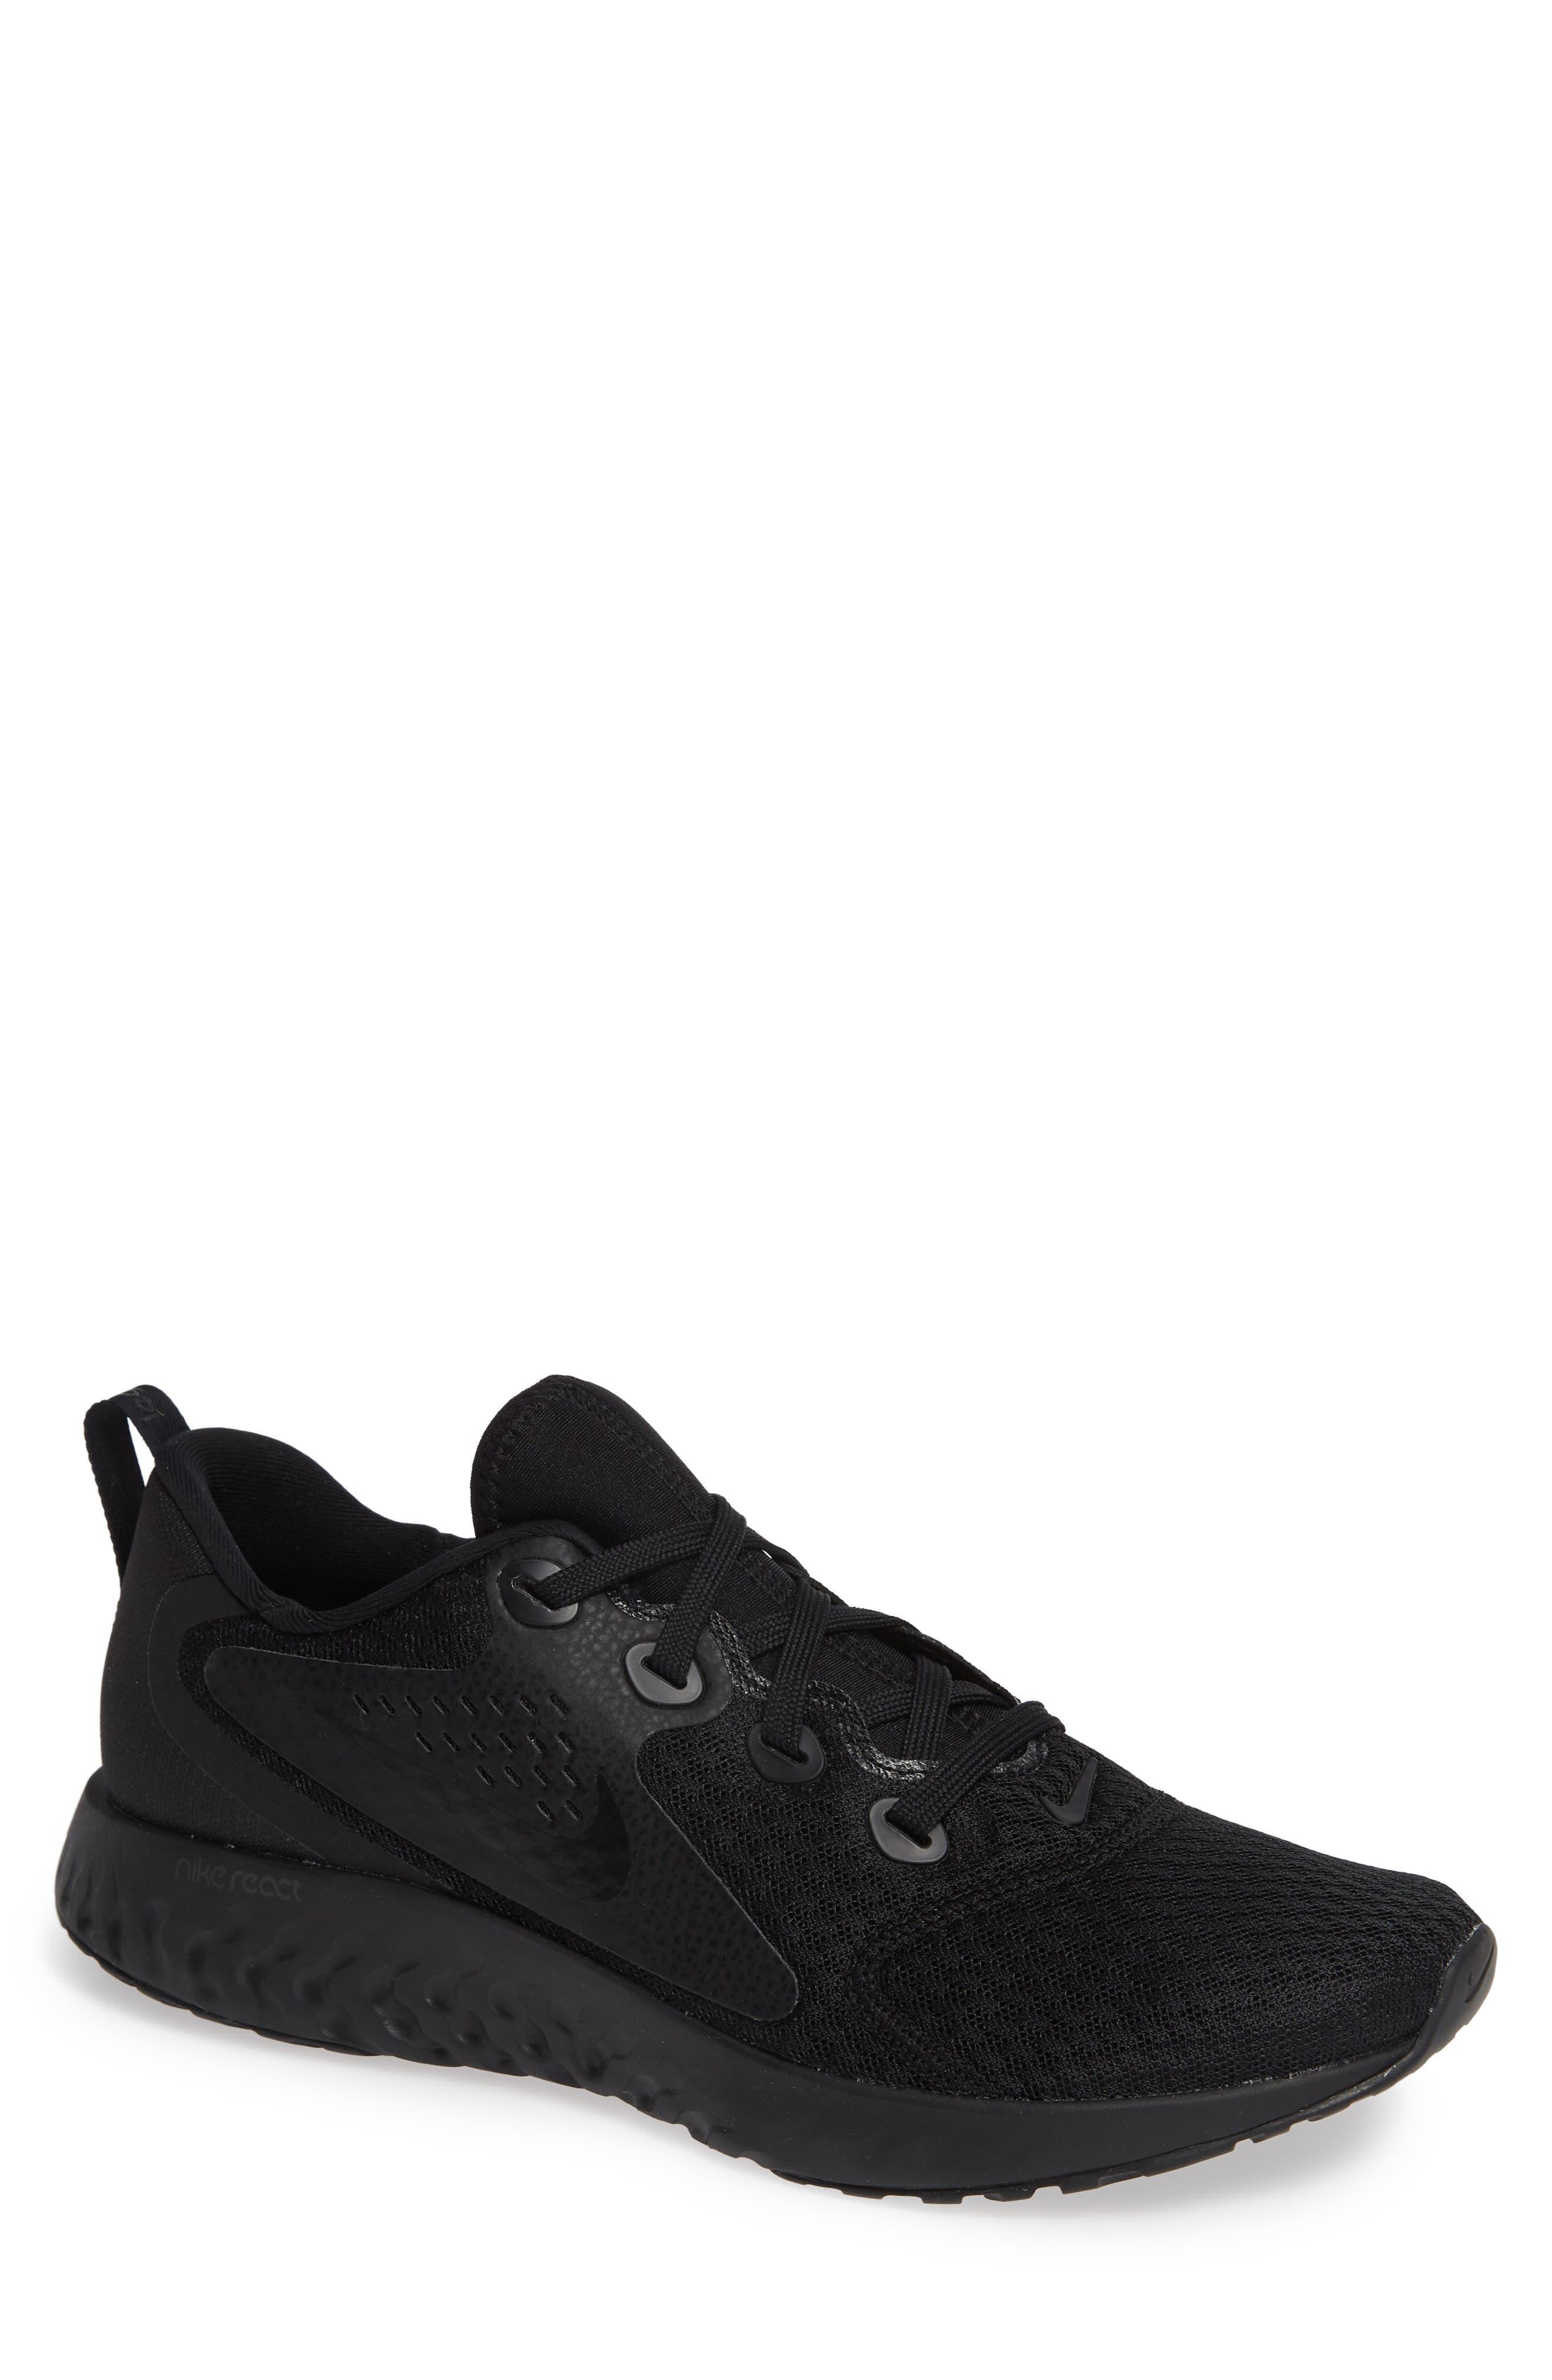 Rebel React Sneaker,                         Main,                         color, BLACK/ BLACK